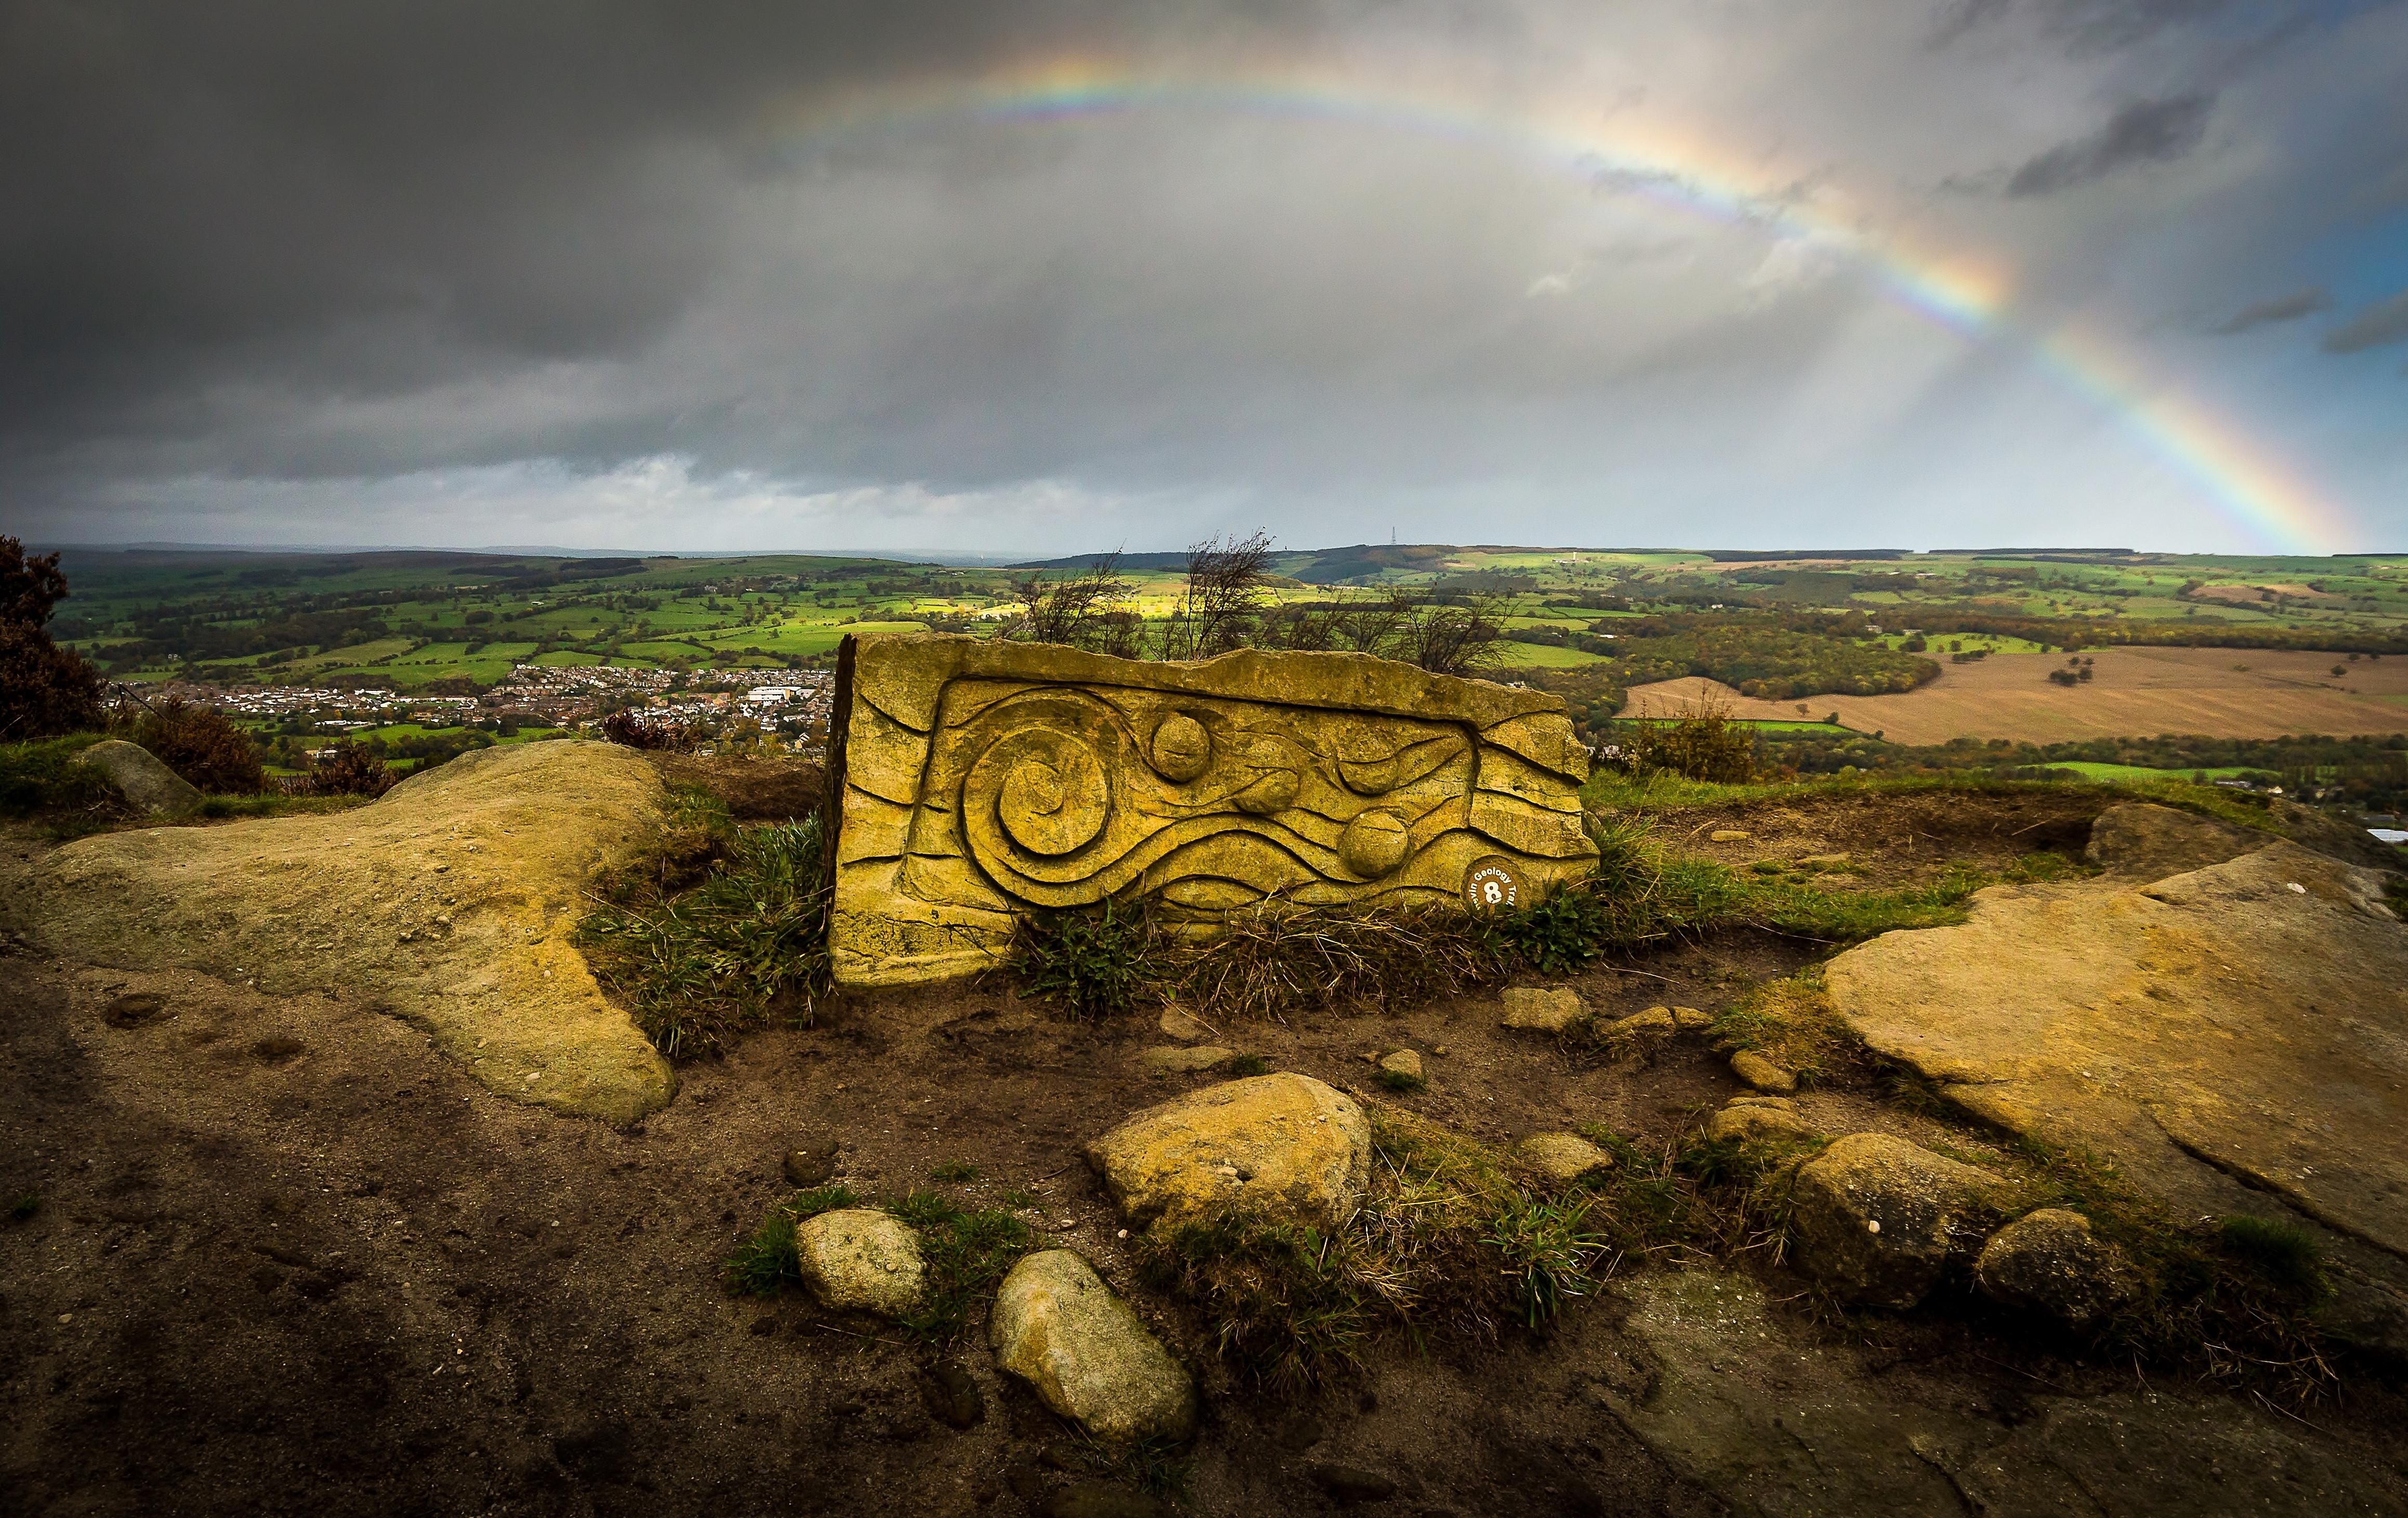 Rainbow over Otley Chevin